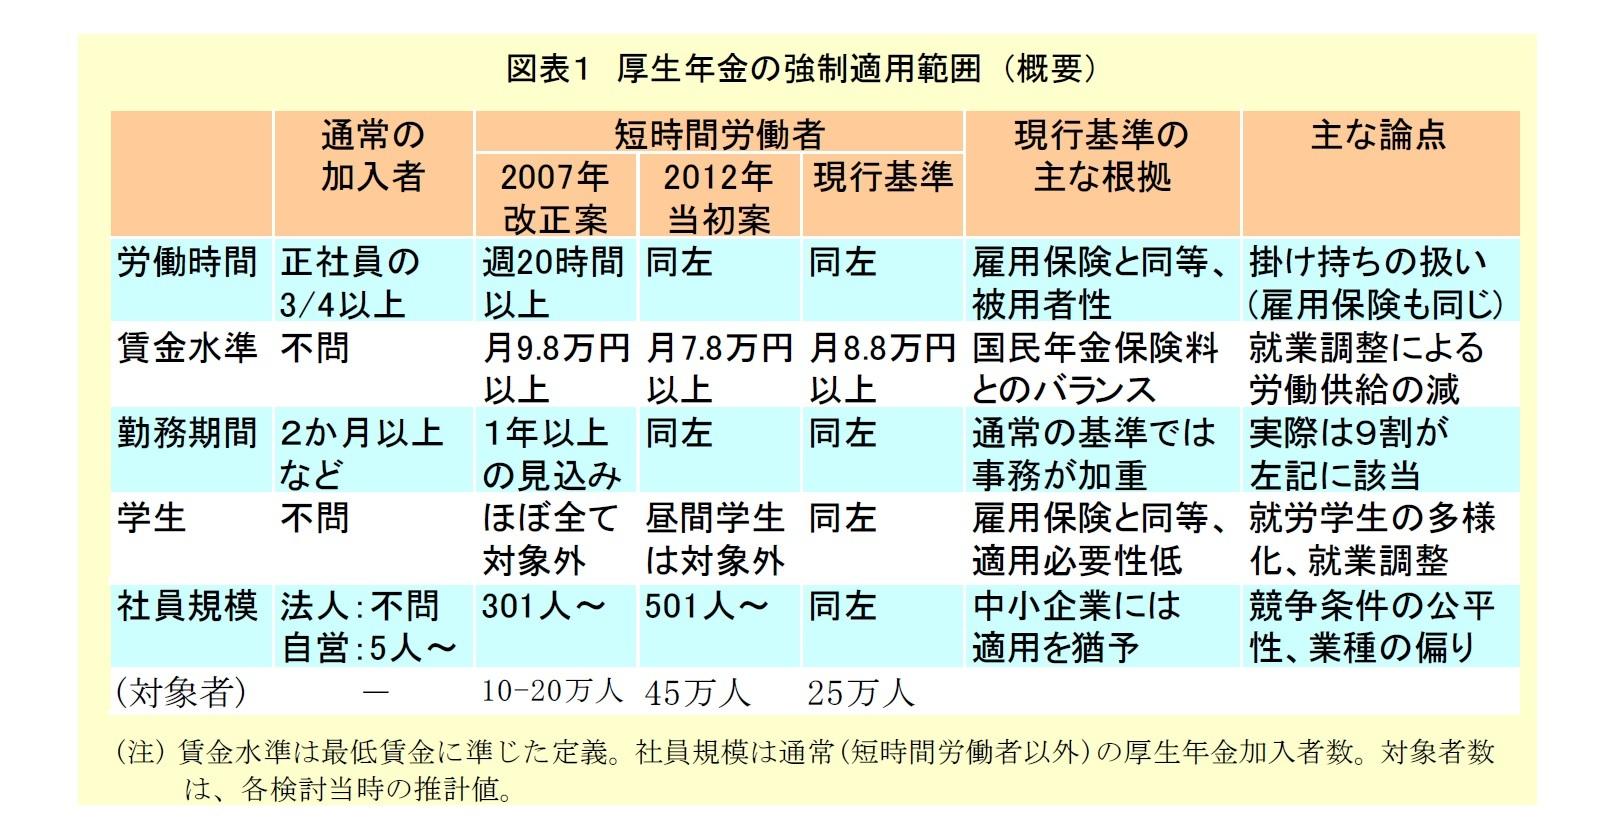 図表1:厚生年金の強制適用範囲